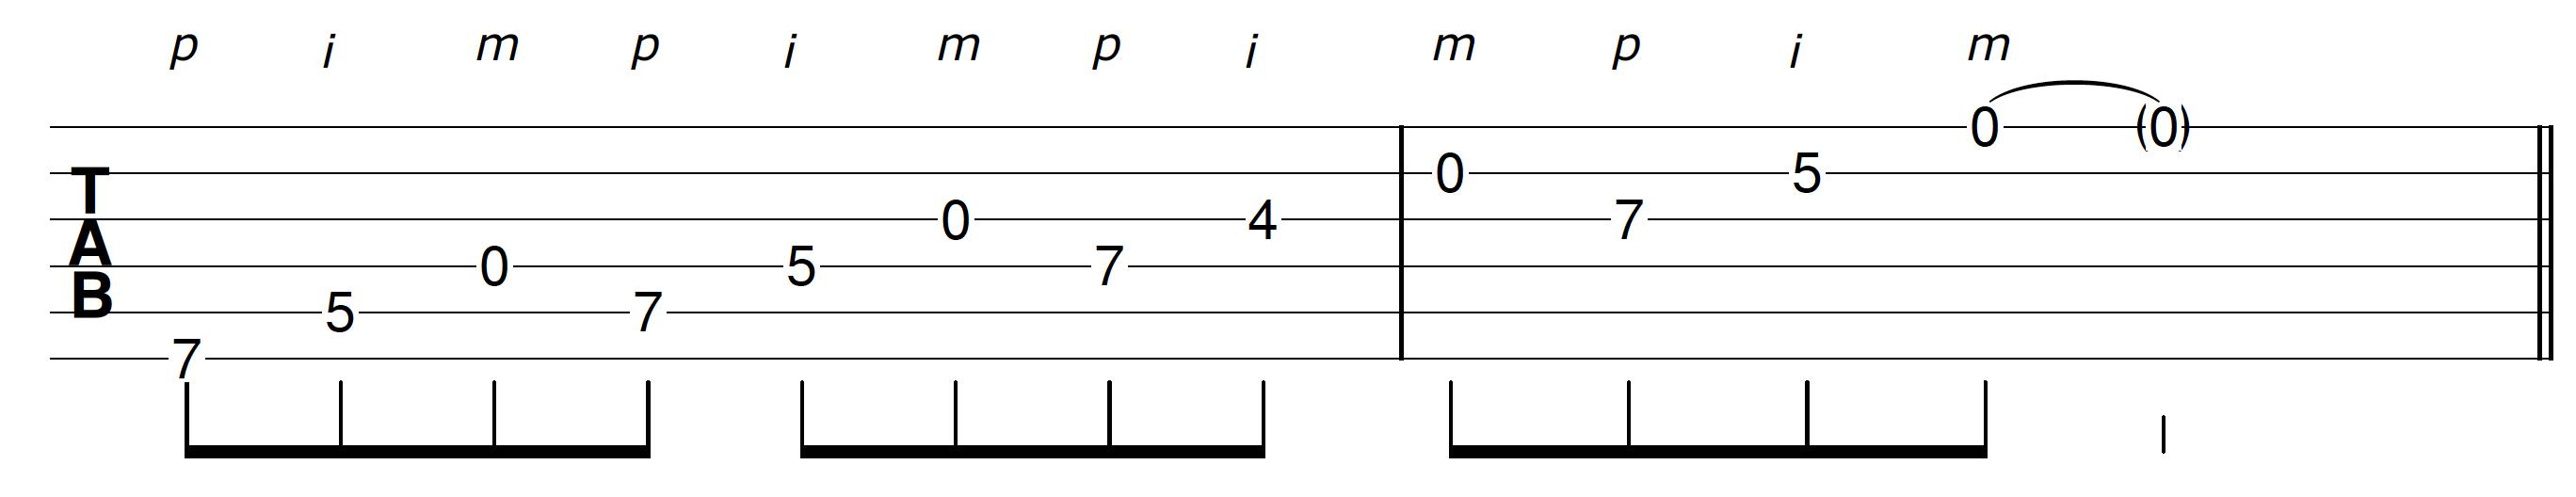 Open String Guitar Riff Pattern 3 Ascending